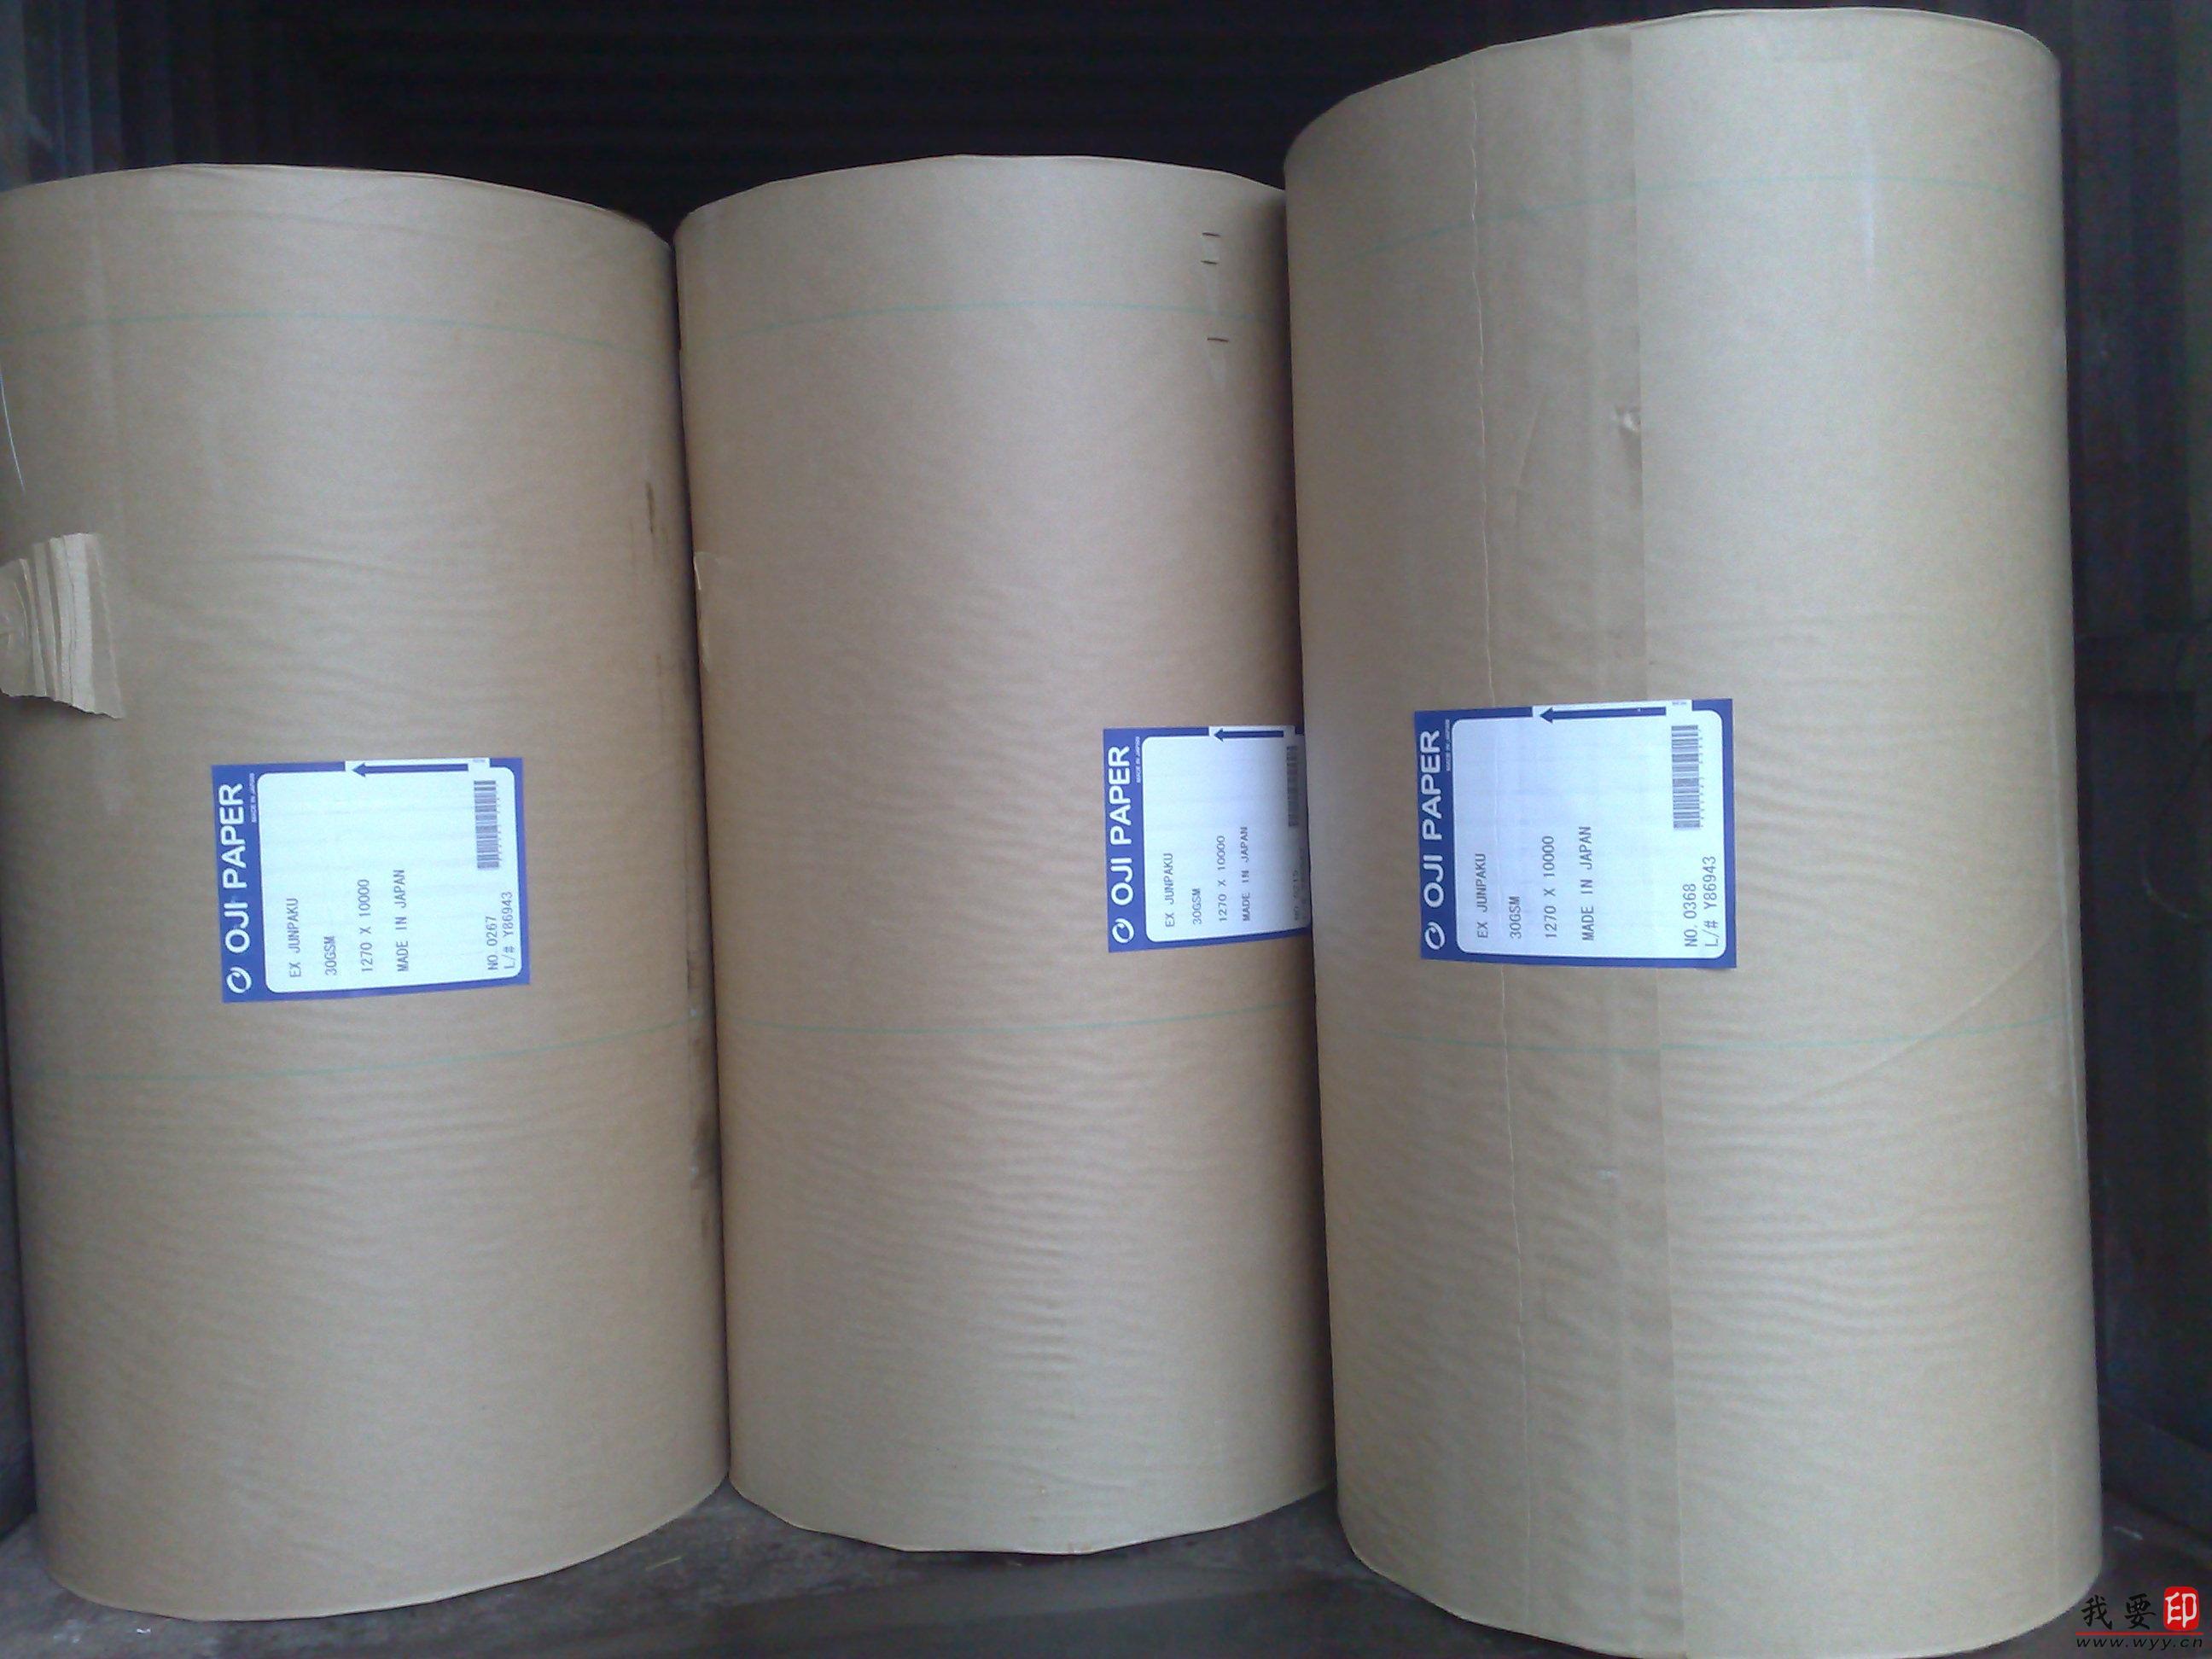 金祥盛纸业供应各种高档热升华原纸 热转移材料